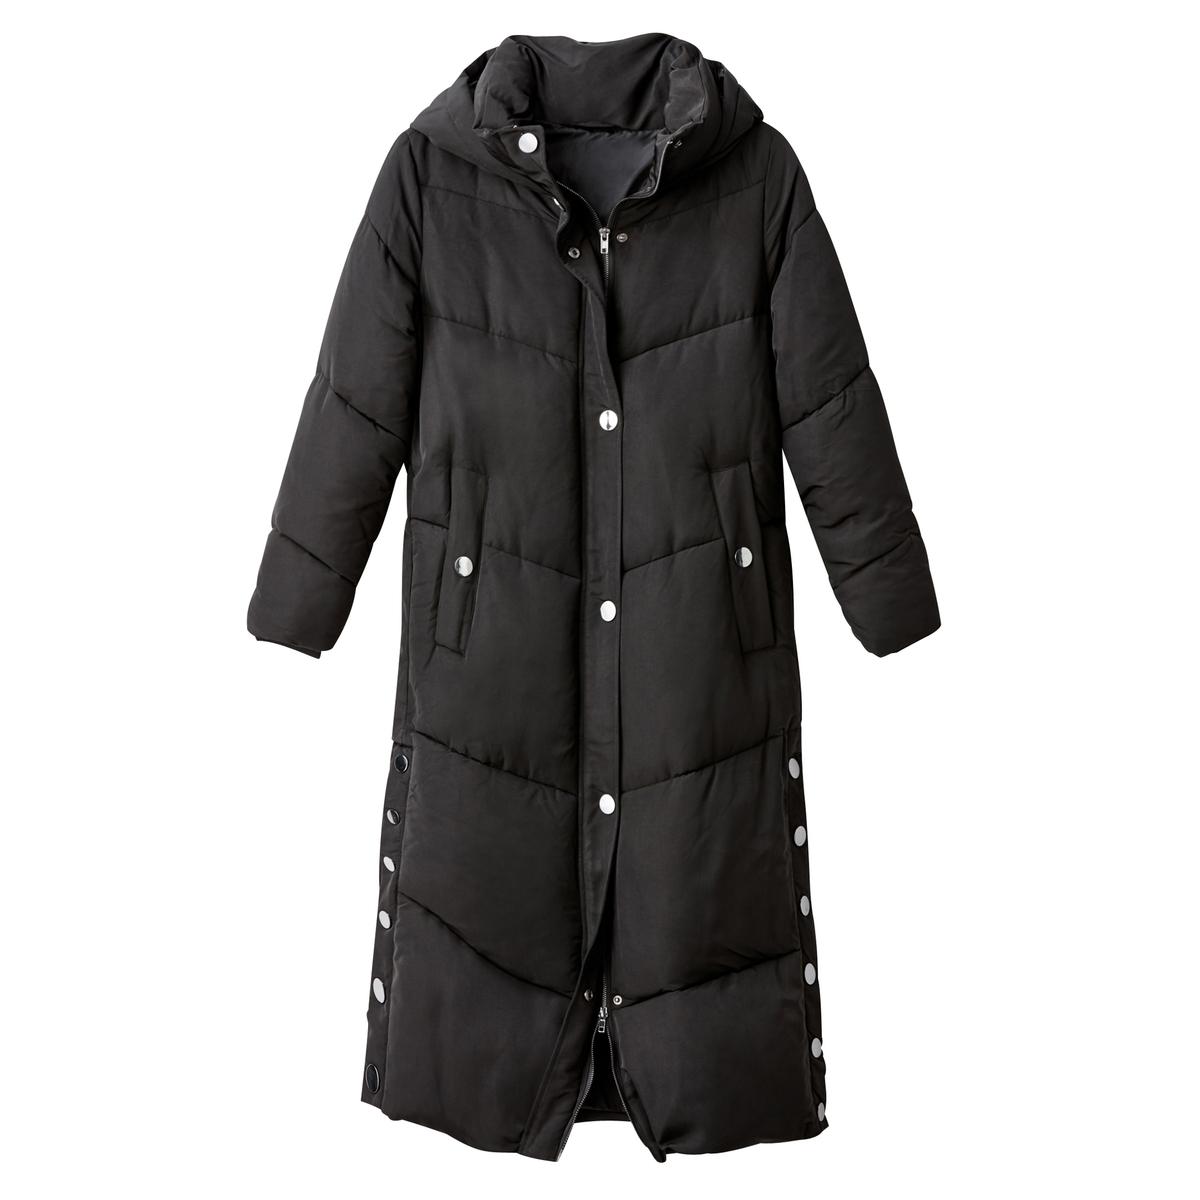 Куртка стеганая экстра длинная с капюшономОписание:Экстра длинная стеганая куртка отлично защитит вас от холода и дождя этой зимой. Стильная и комфортная теплая стеганая куртка с капюшоном. Детали •  Длина : удлиненная модель •  Капюшон •  Застежка на кнопки •  С капюшономСостав и уход •  100% полиэстер • Не стирать •  Деликатная чистка/без отбеливателей •  Не использовать барабанную сушку   •  Не гладить •  Длина : 120 см •  Очень практичная двойная застежка на молнию •  Боковые разрезы на кнопках<br><br>Цвет: черный<br>Размер: 36 (FR) - 42 (RUS)